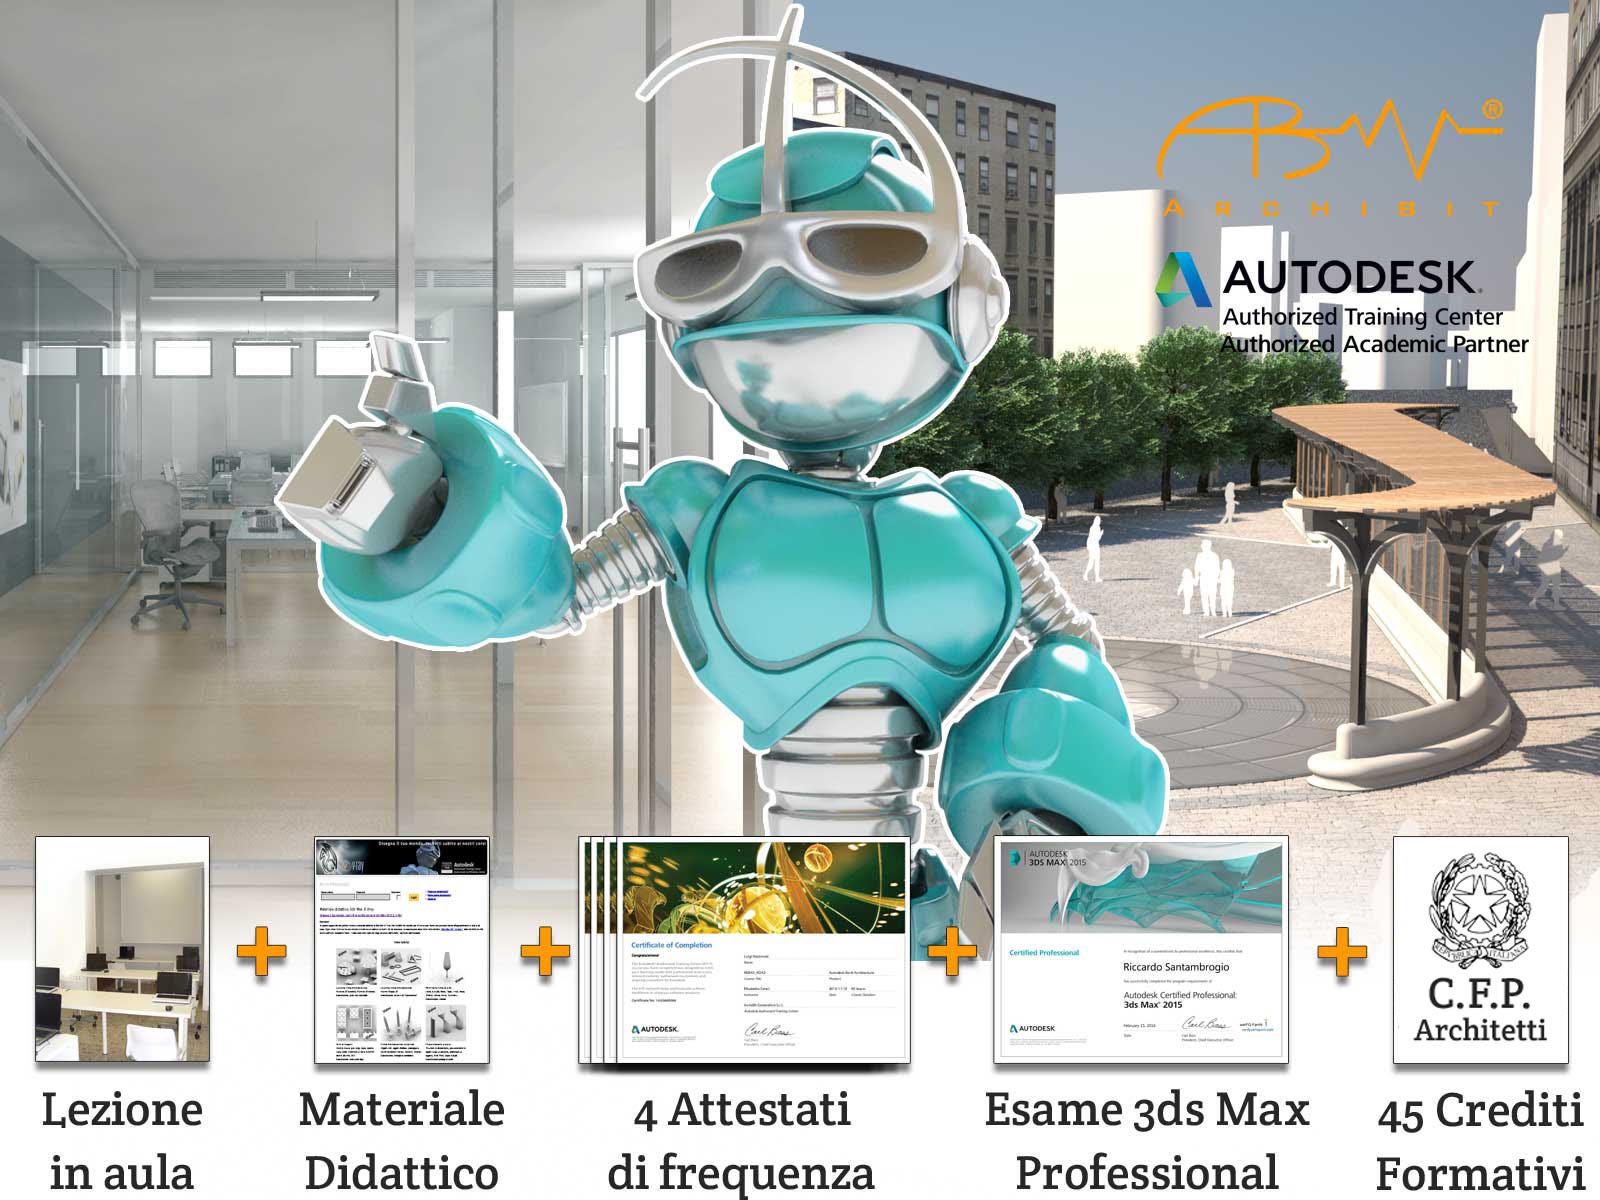 corso 3ds max autodesk mini master certificato professional archibit centro corsi roma